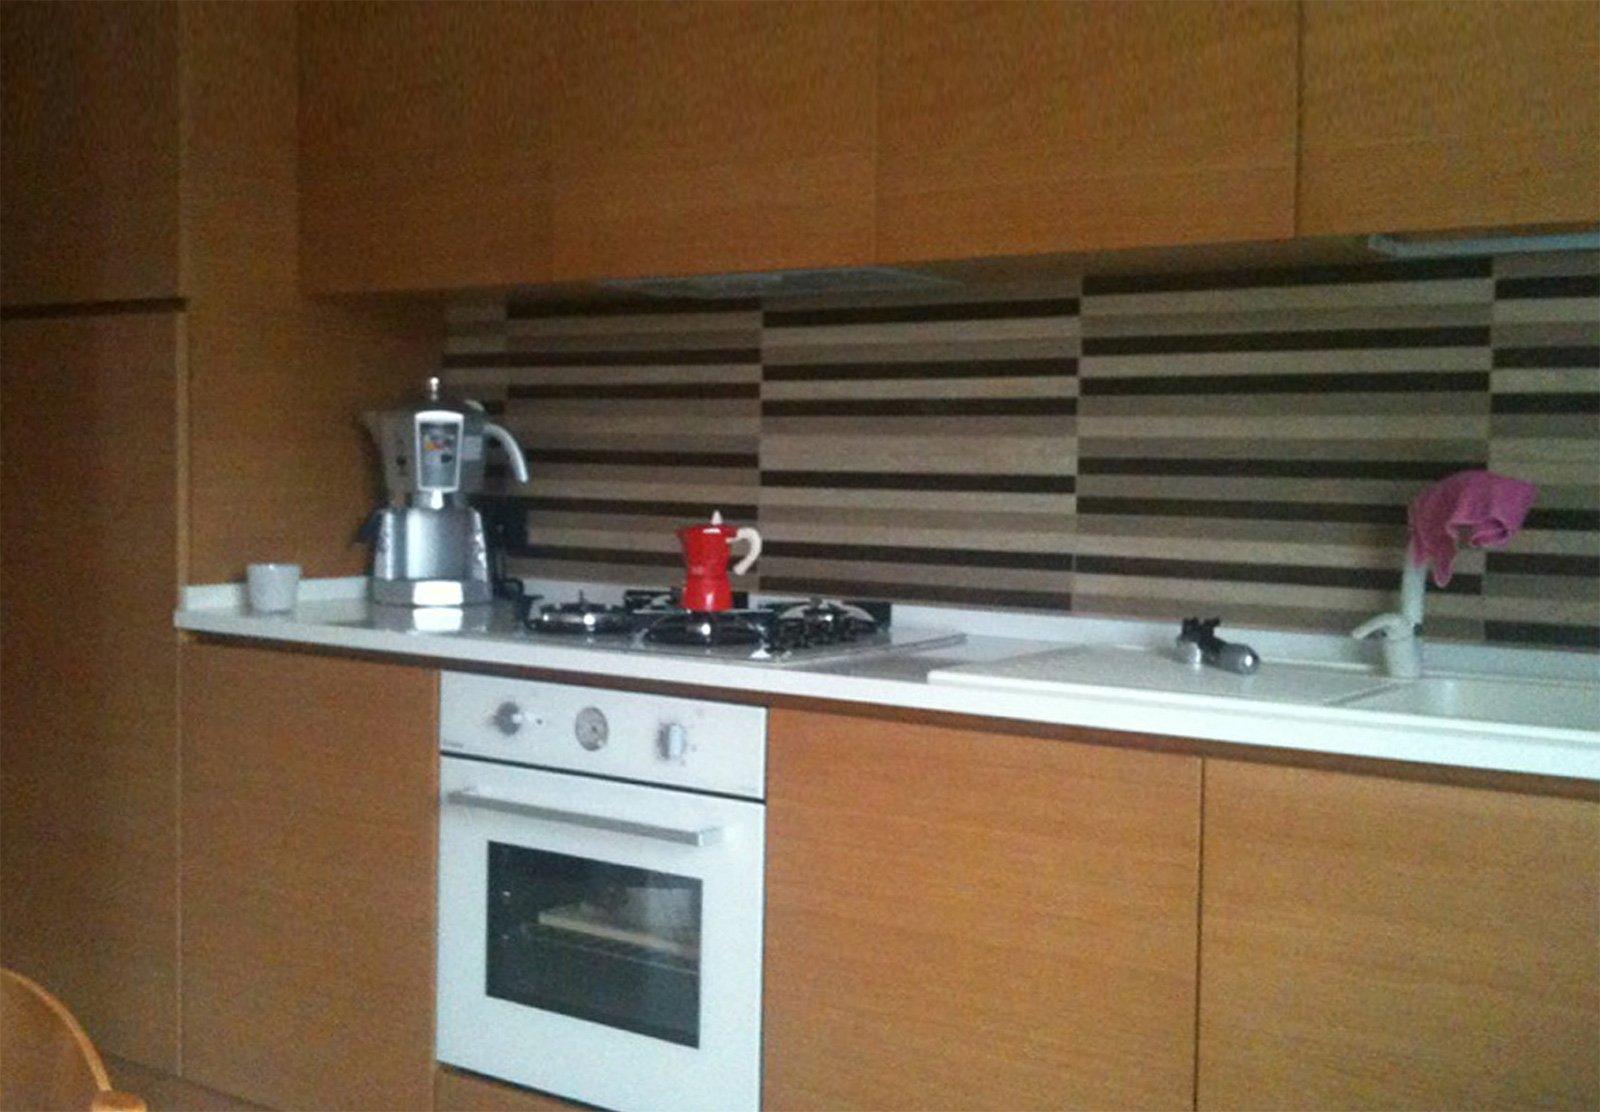 Elegant verniciare mobili cucina rinnovare una cucina in - Come pitturare i mobili della cucina ...